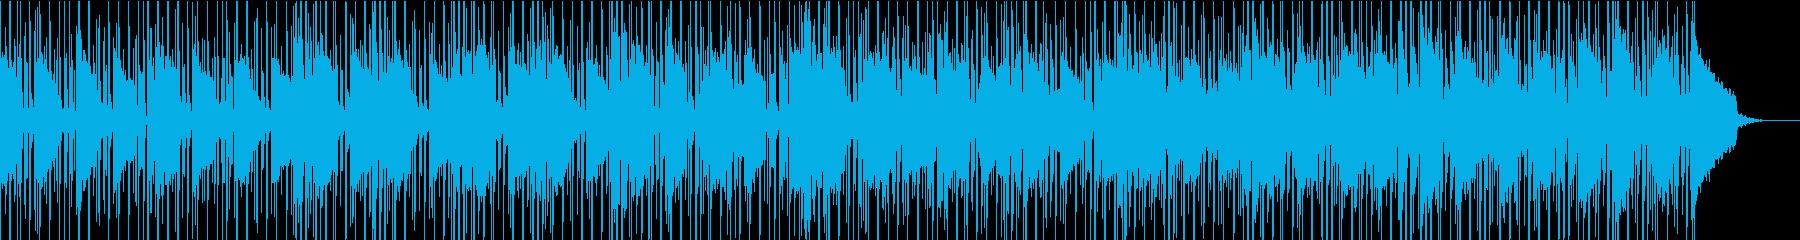 オシャレなCitypopの再生済みの波形